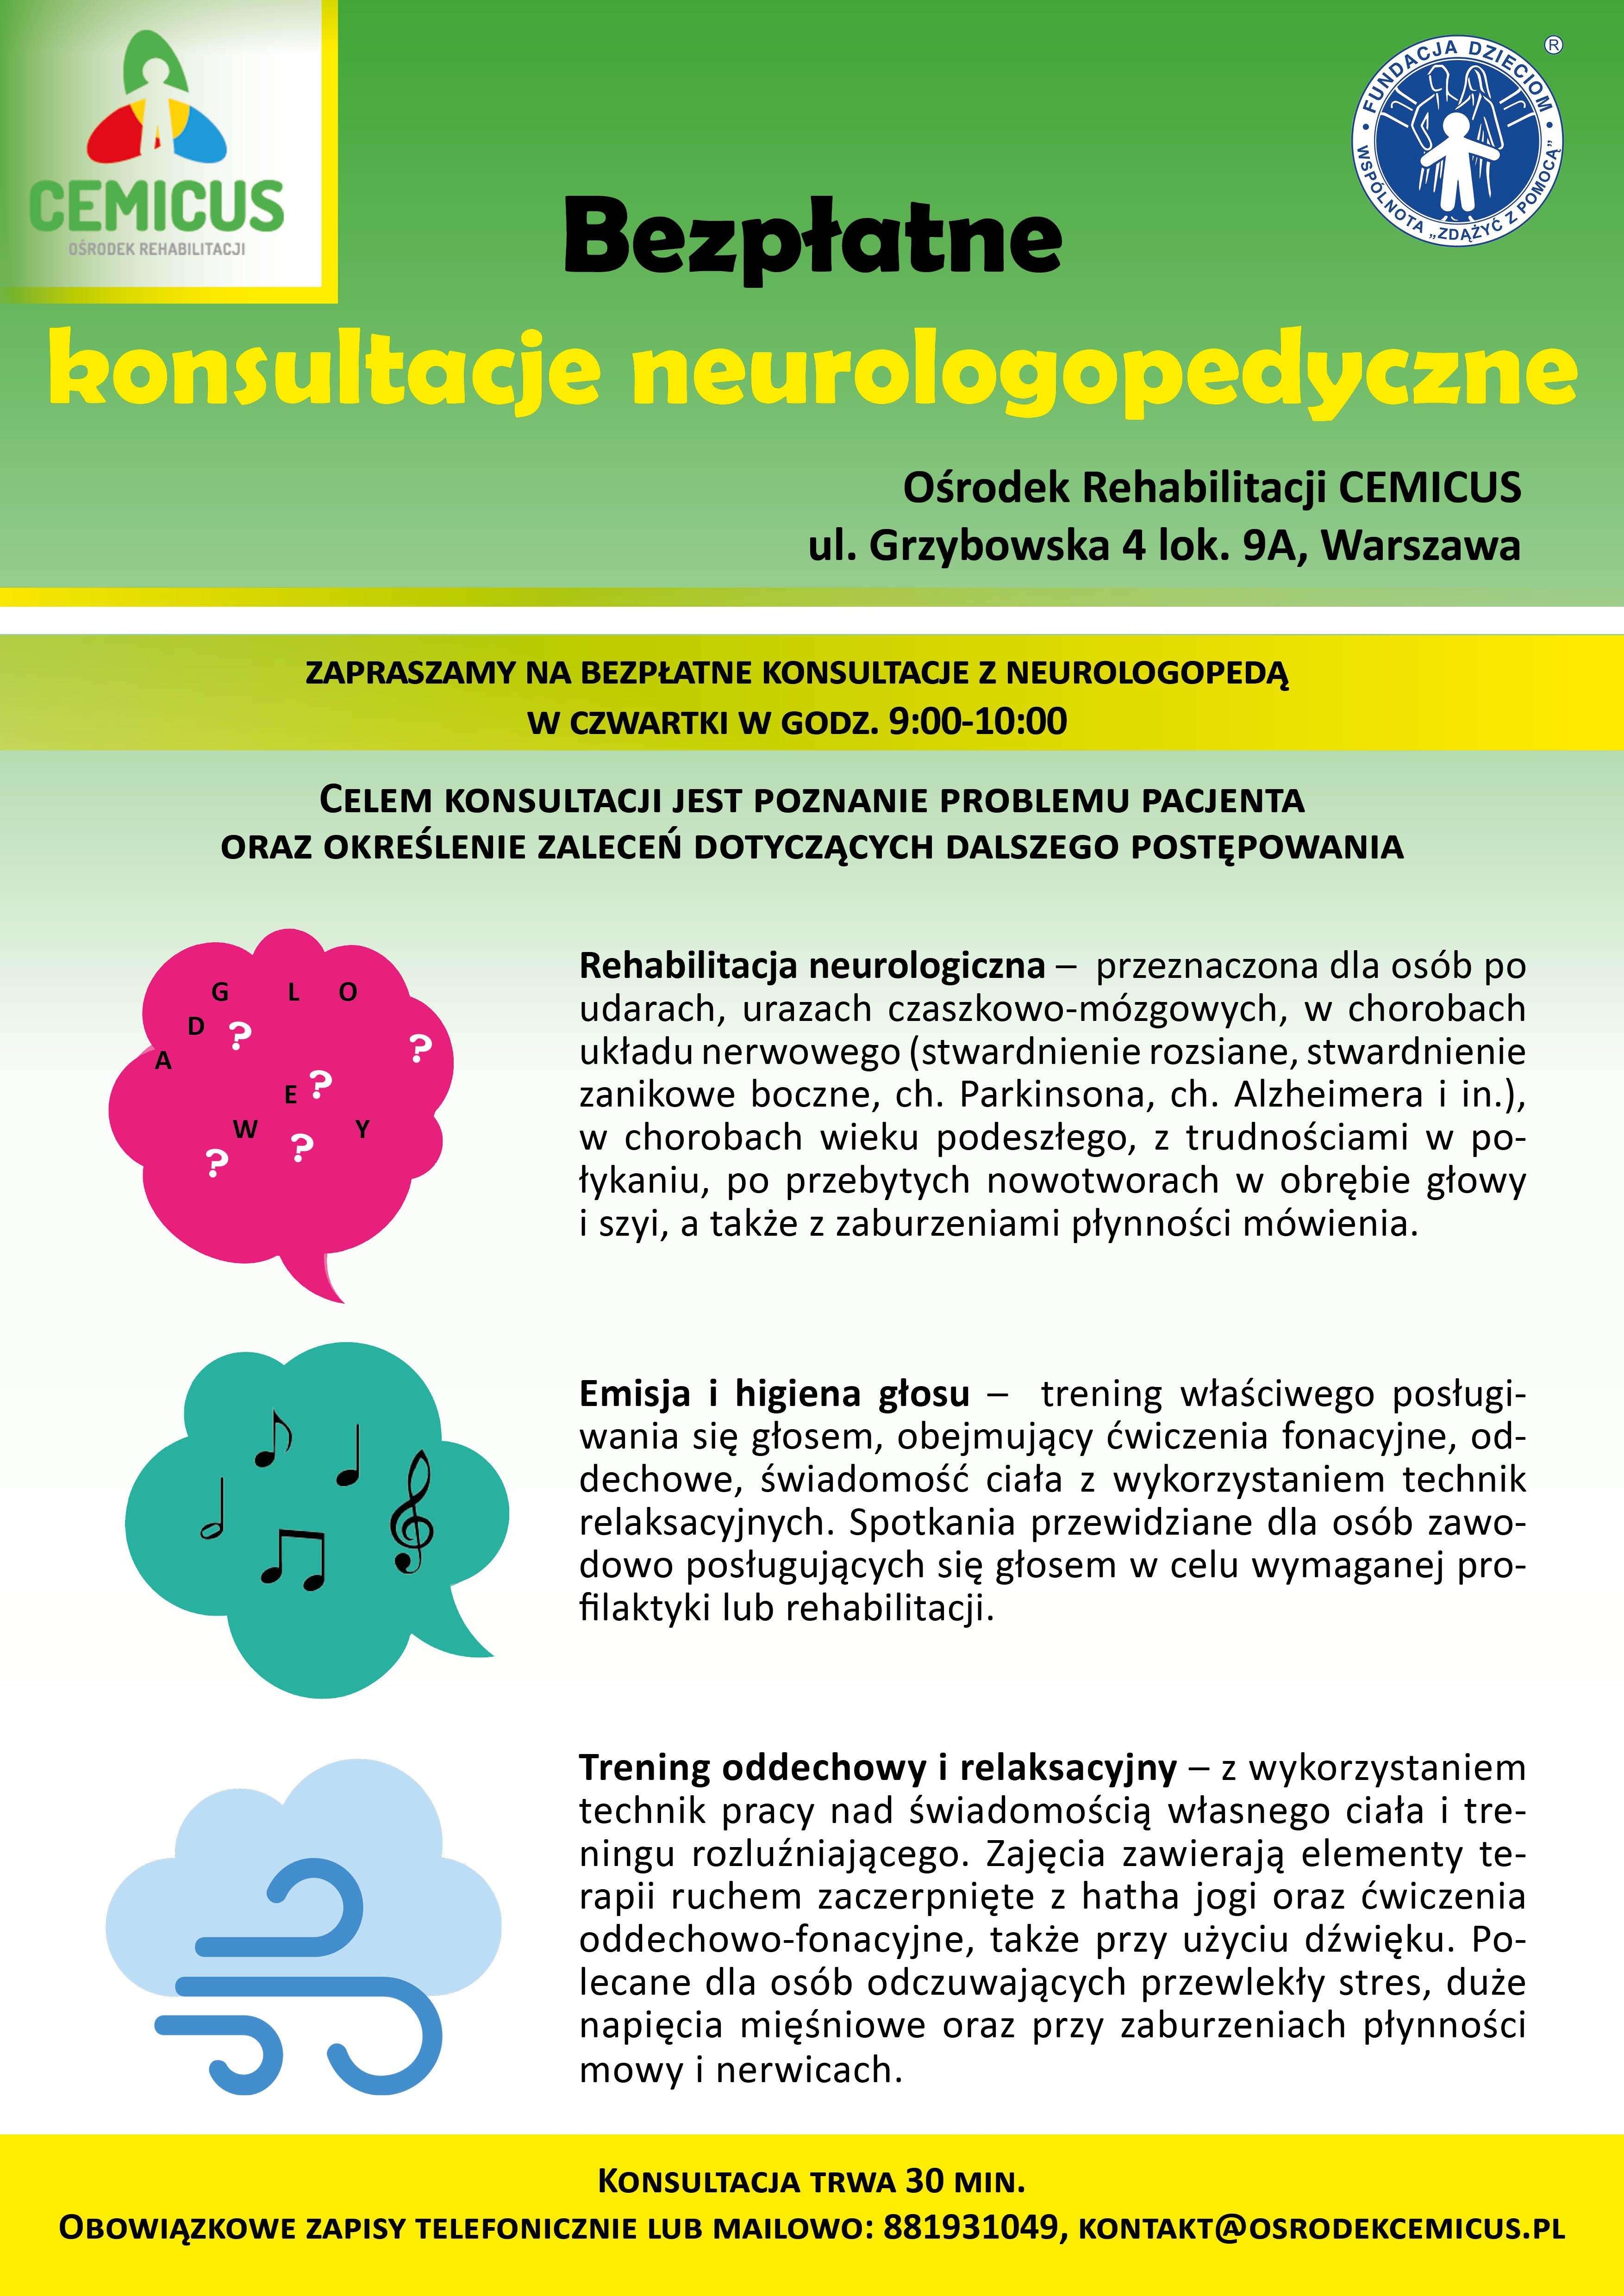 zapraszamy na bezpłatne konsultacje z neurologopedą5